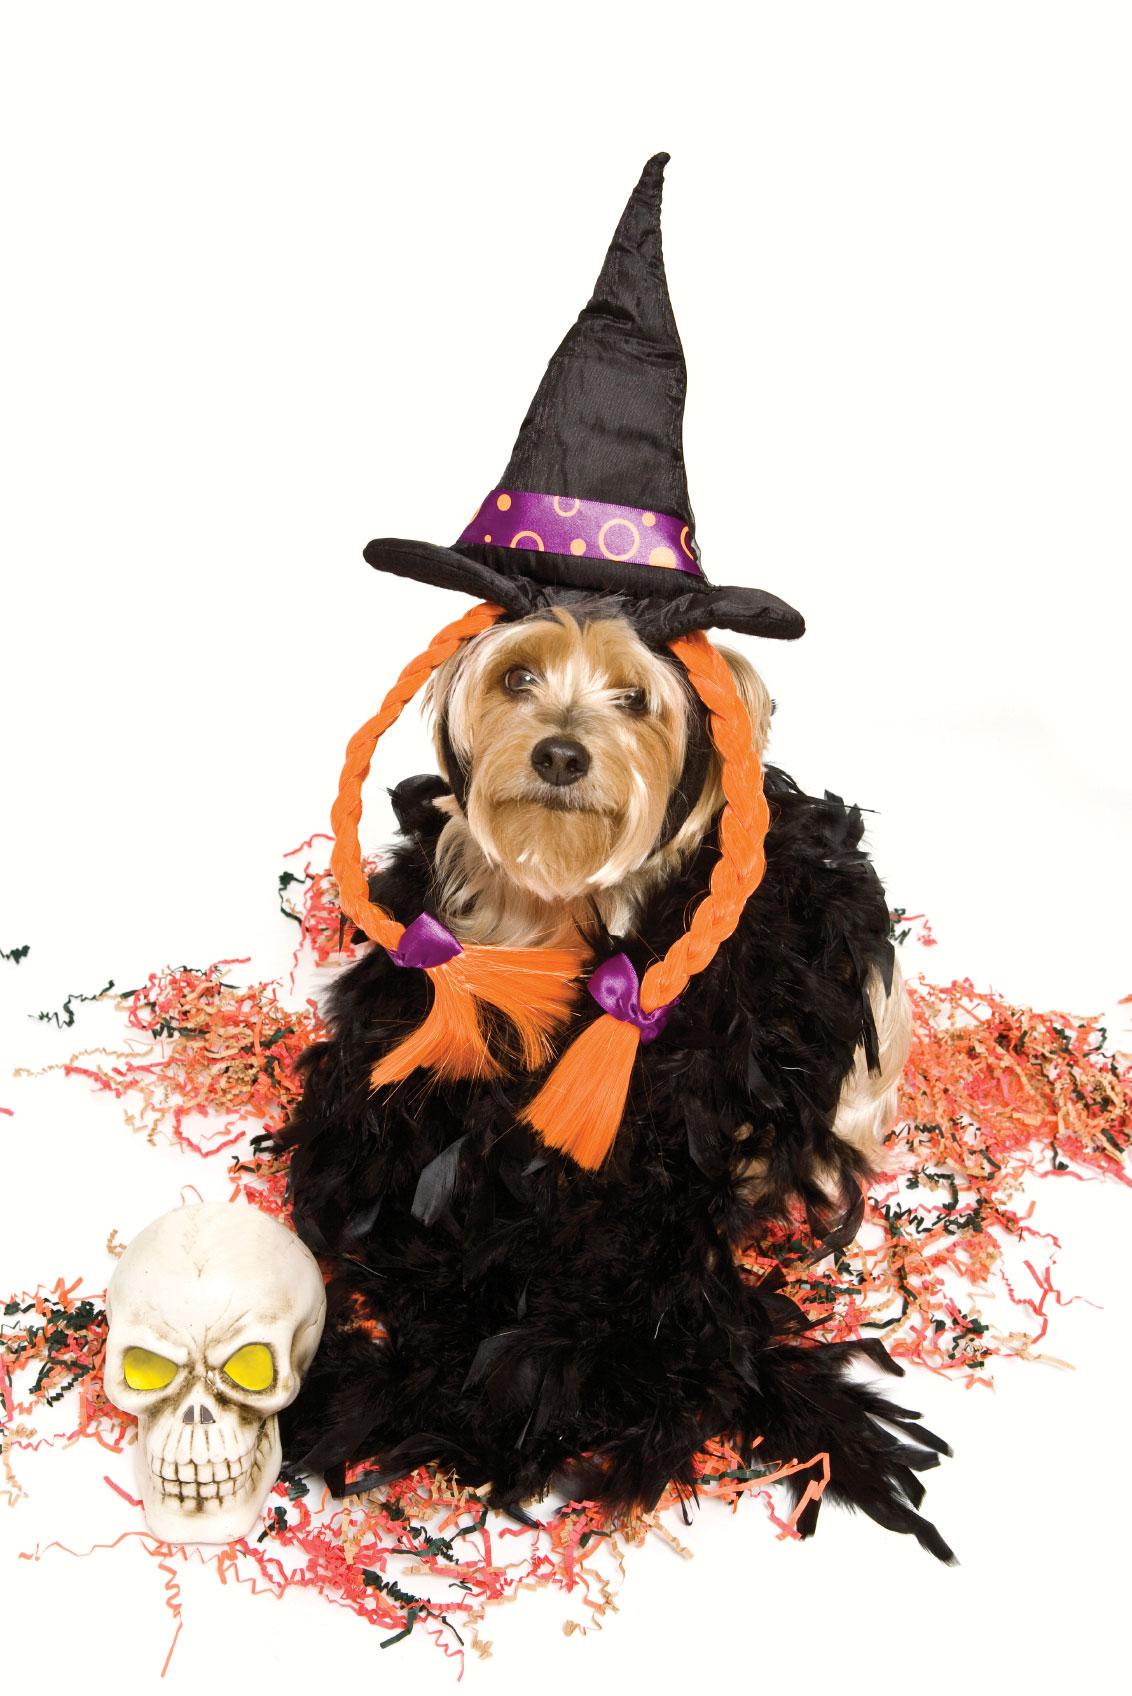 Pet Poison Helpline: Halloween Dangers